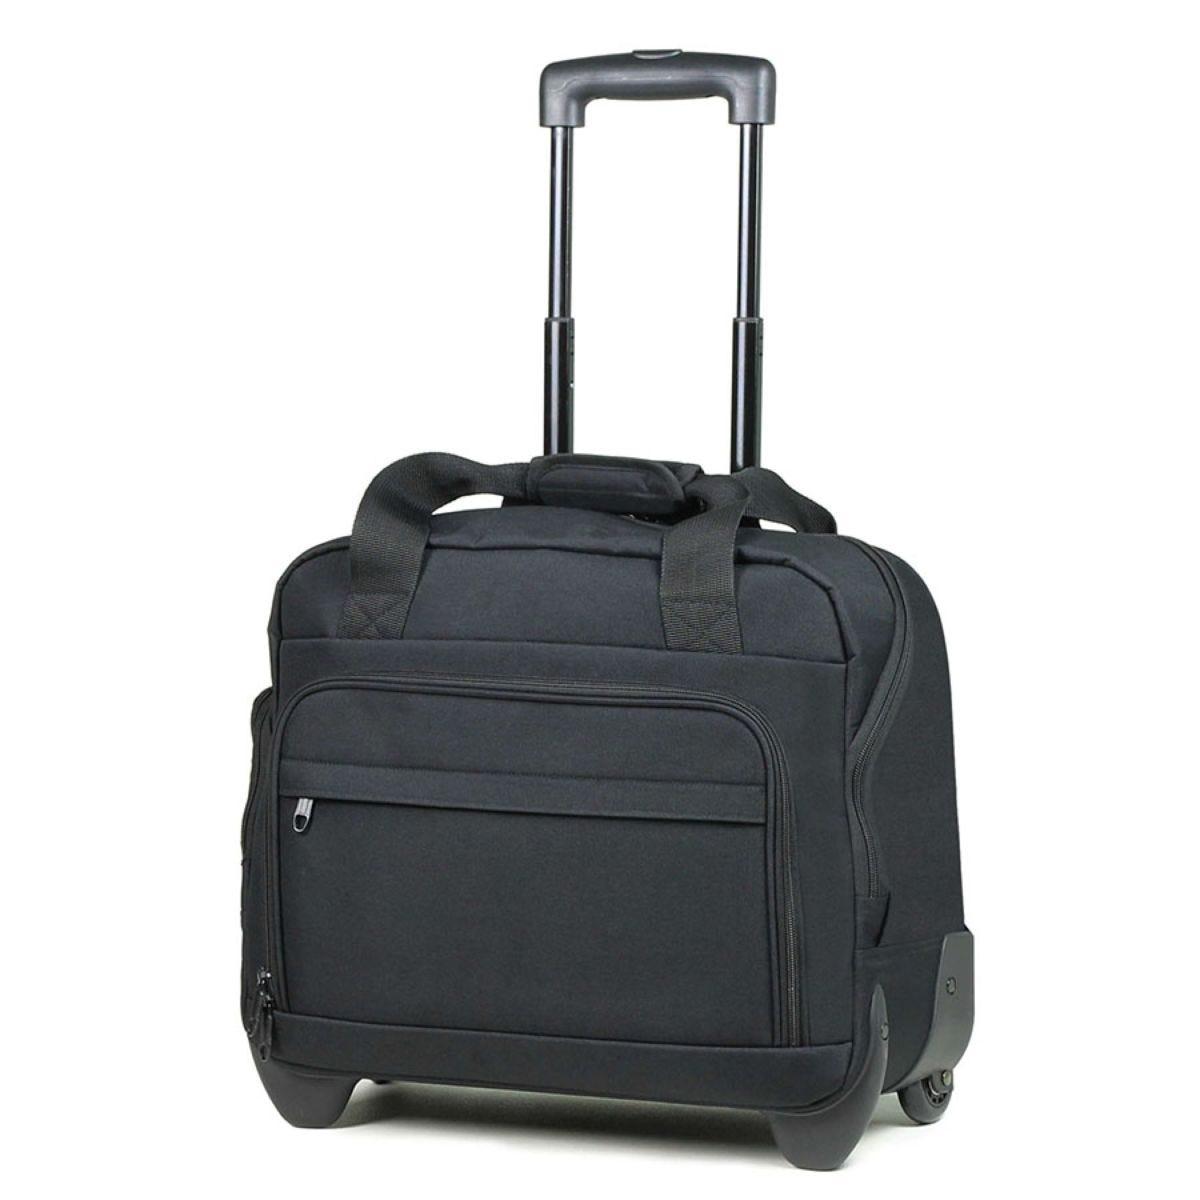 Members by Rock Luggage Essential Laptop Case on Wheels – Black